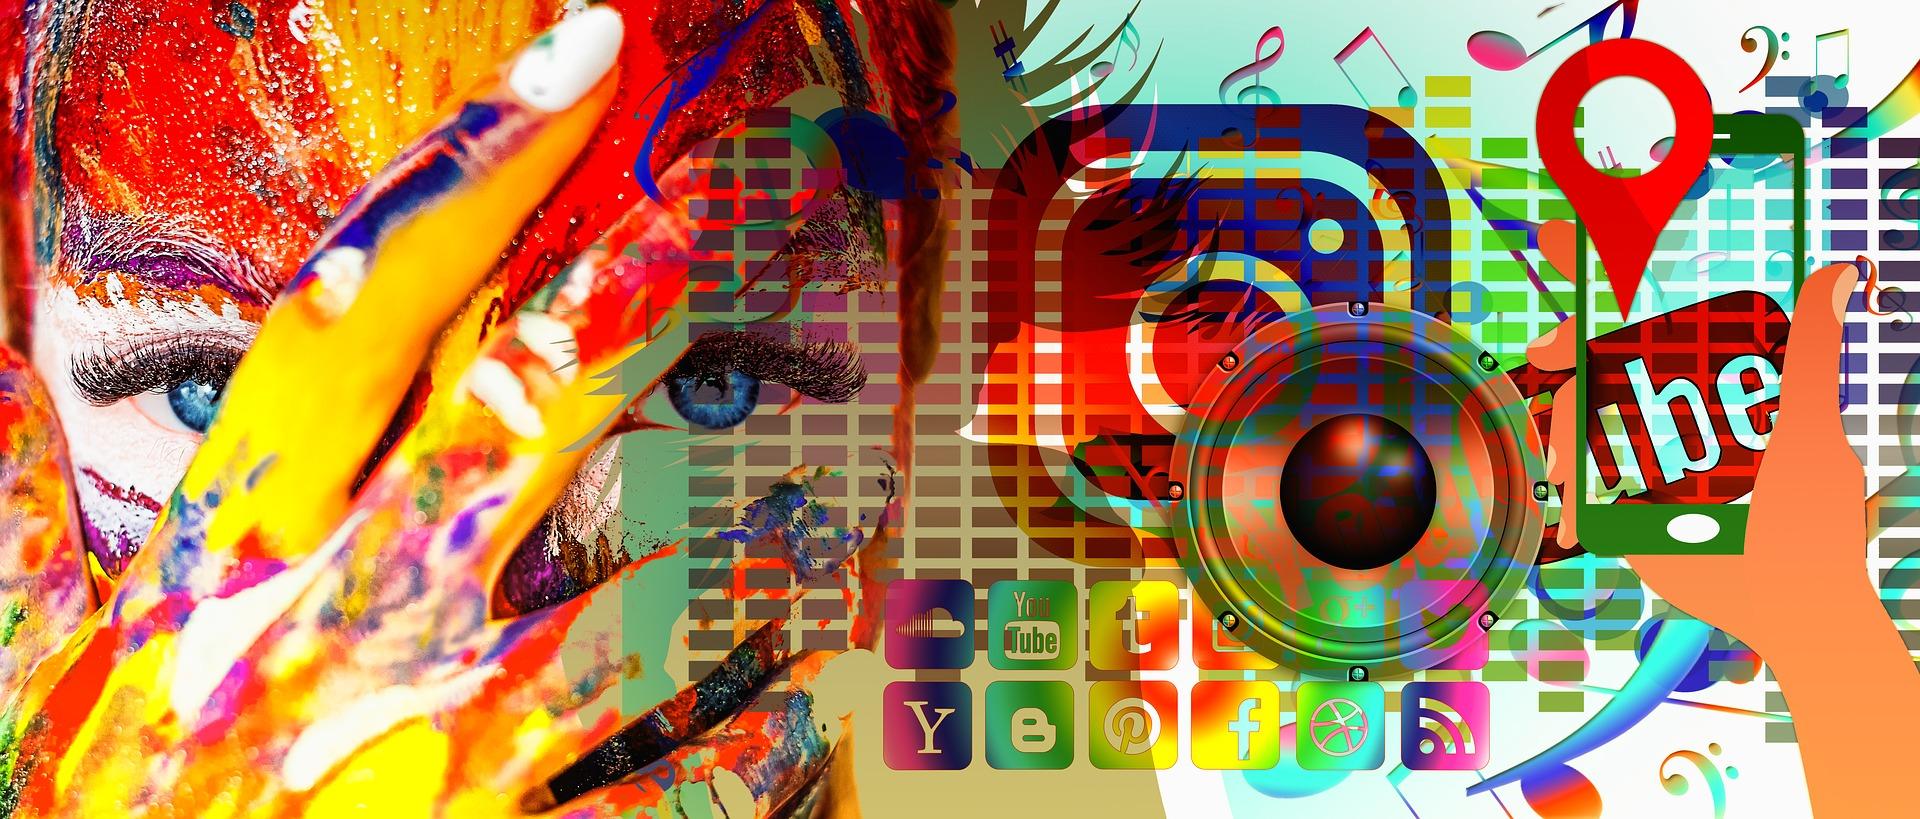 εθισμός στο διαδίκτυο, FOMO, JOMO